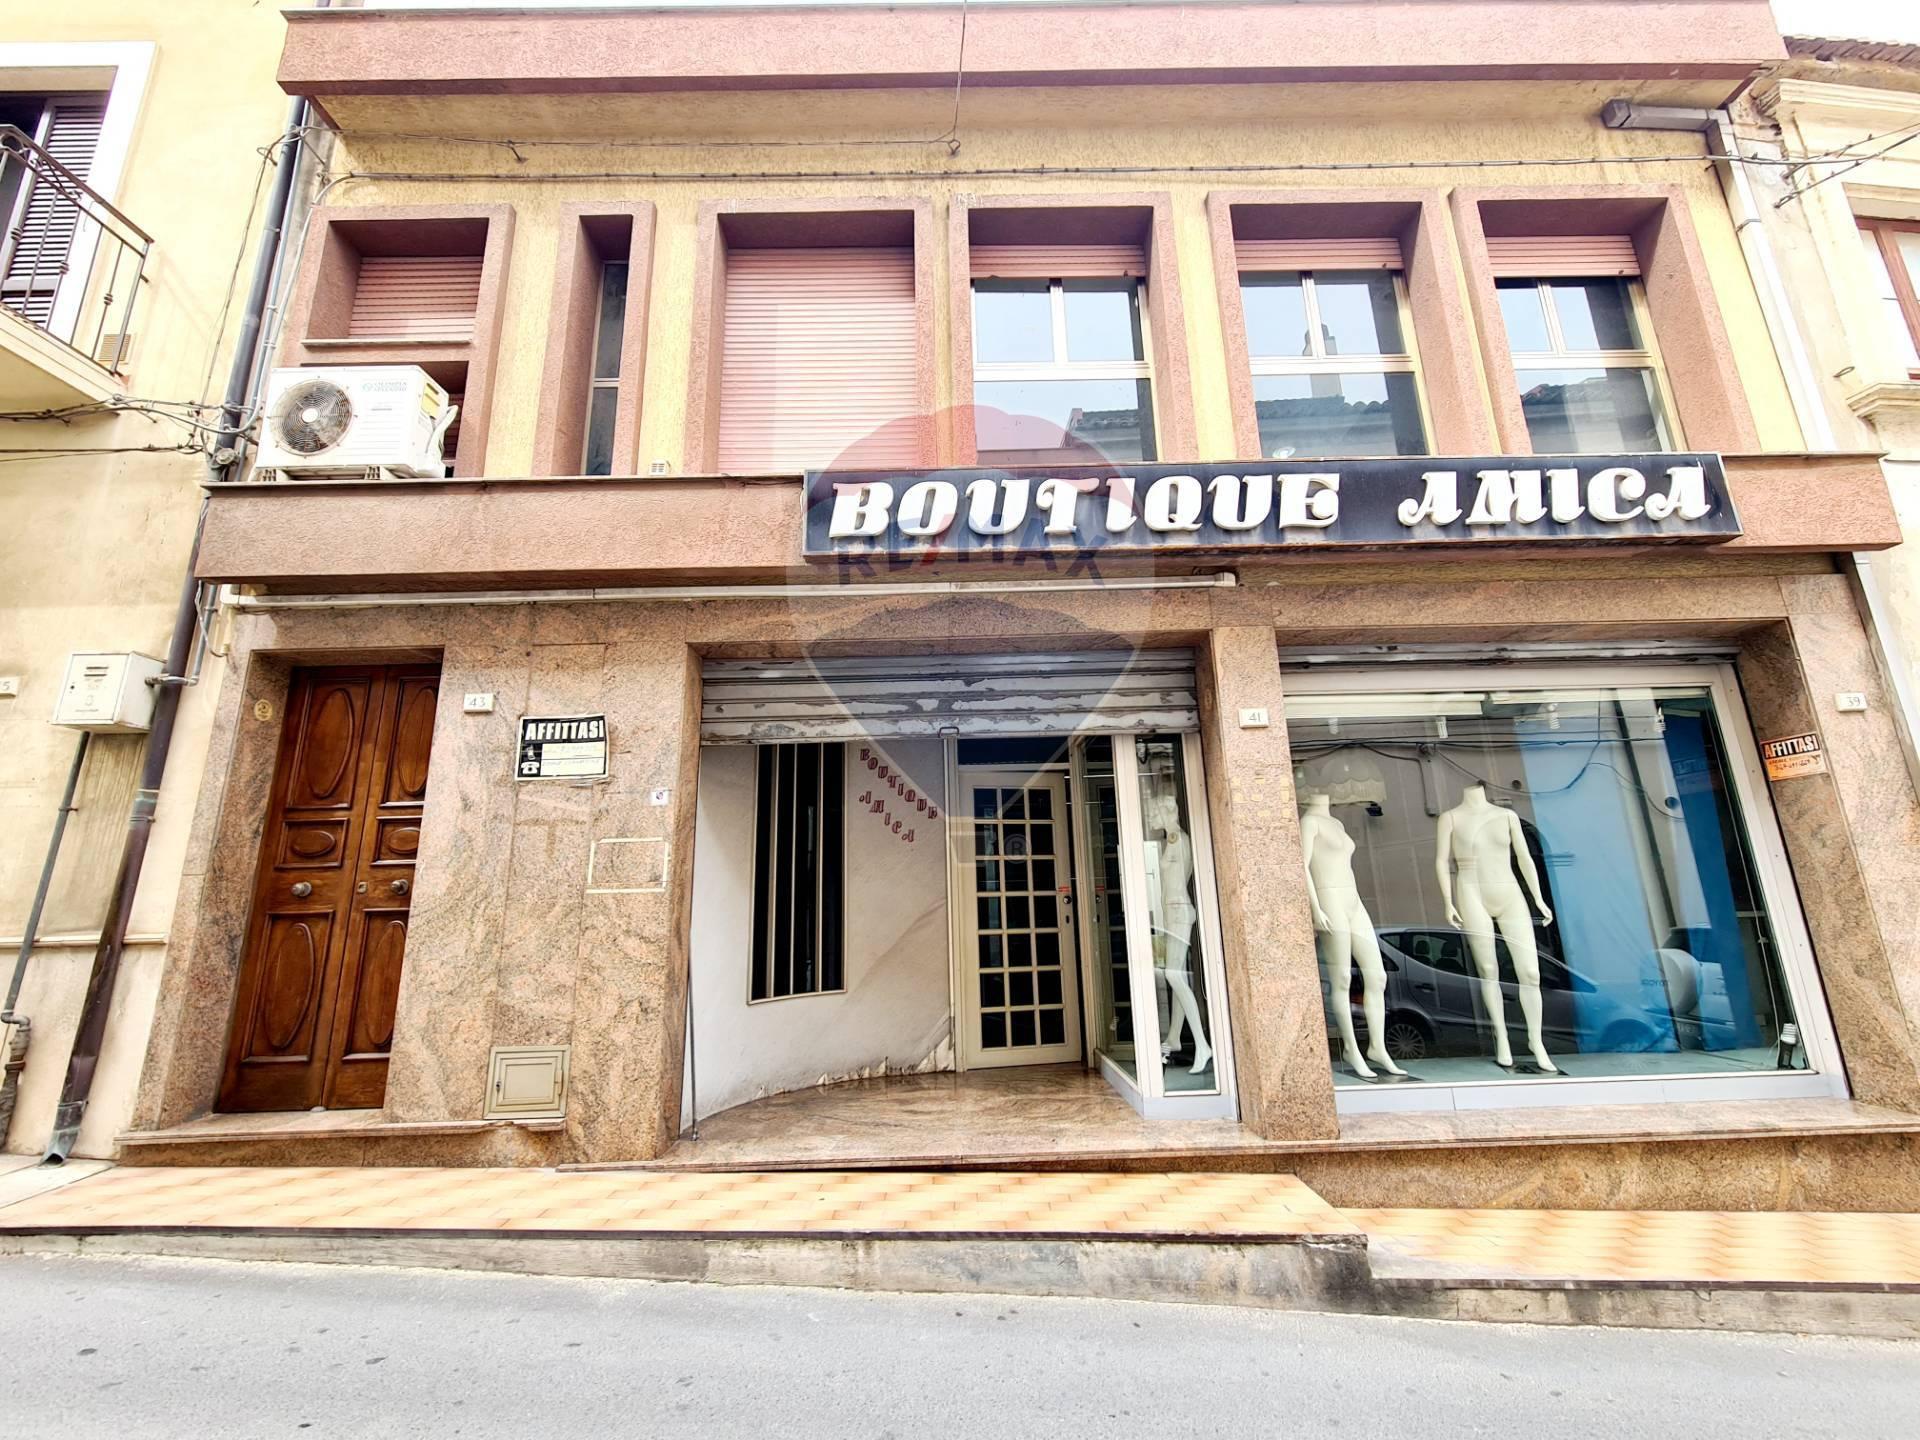 Negozio / Locale in vendita a Comiso, 9999 locali, zona Località: Centro, prezzo € 140.000 | CambioCasa.it